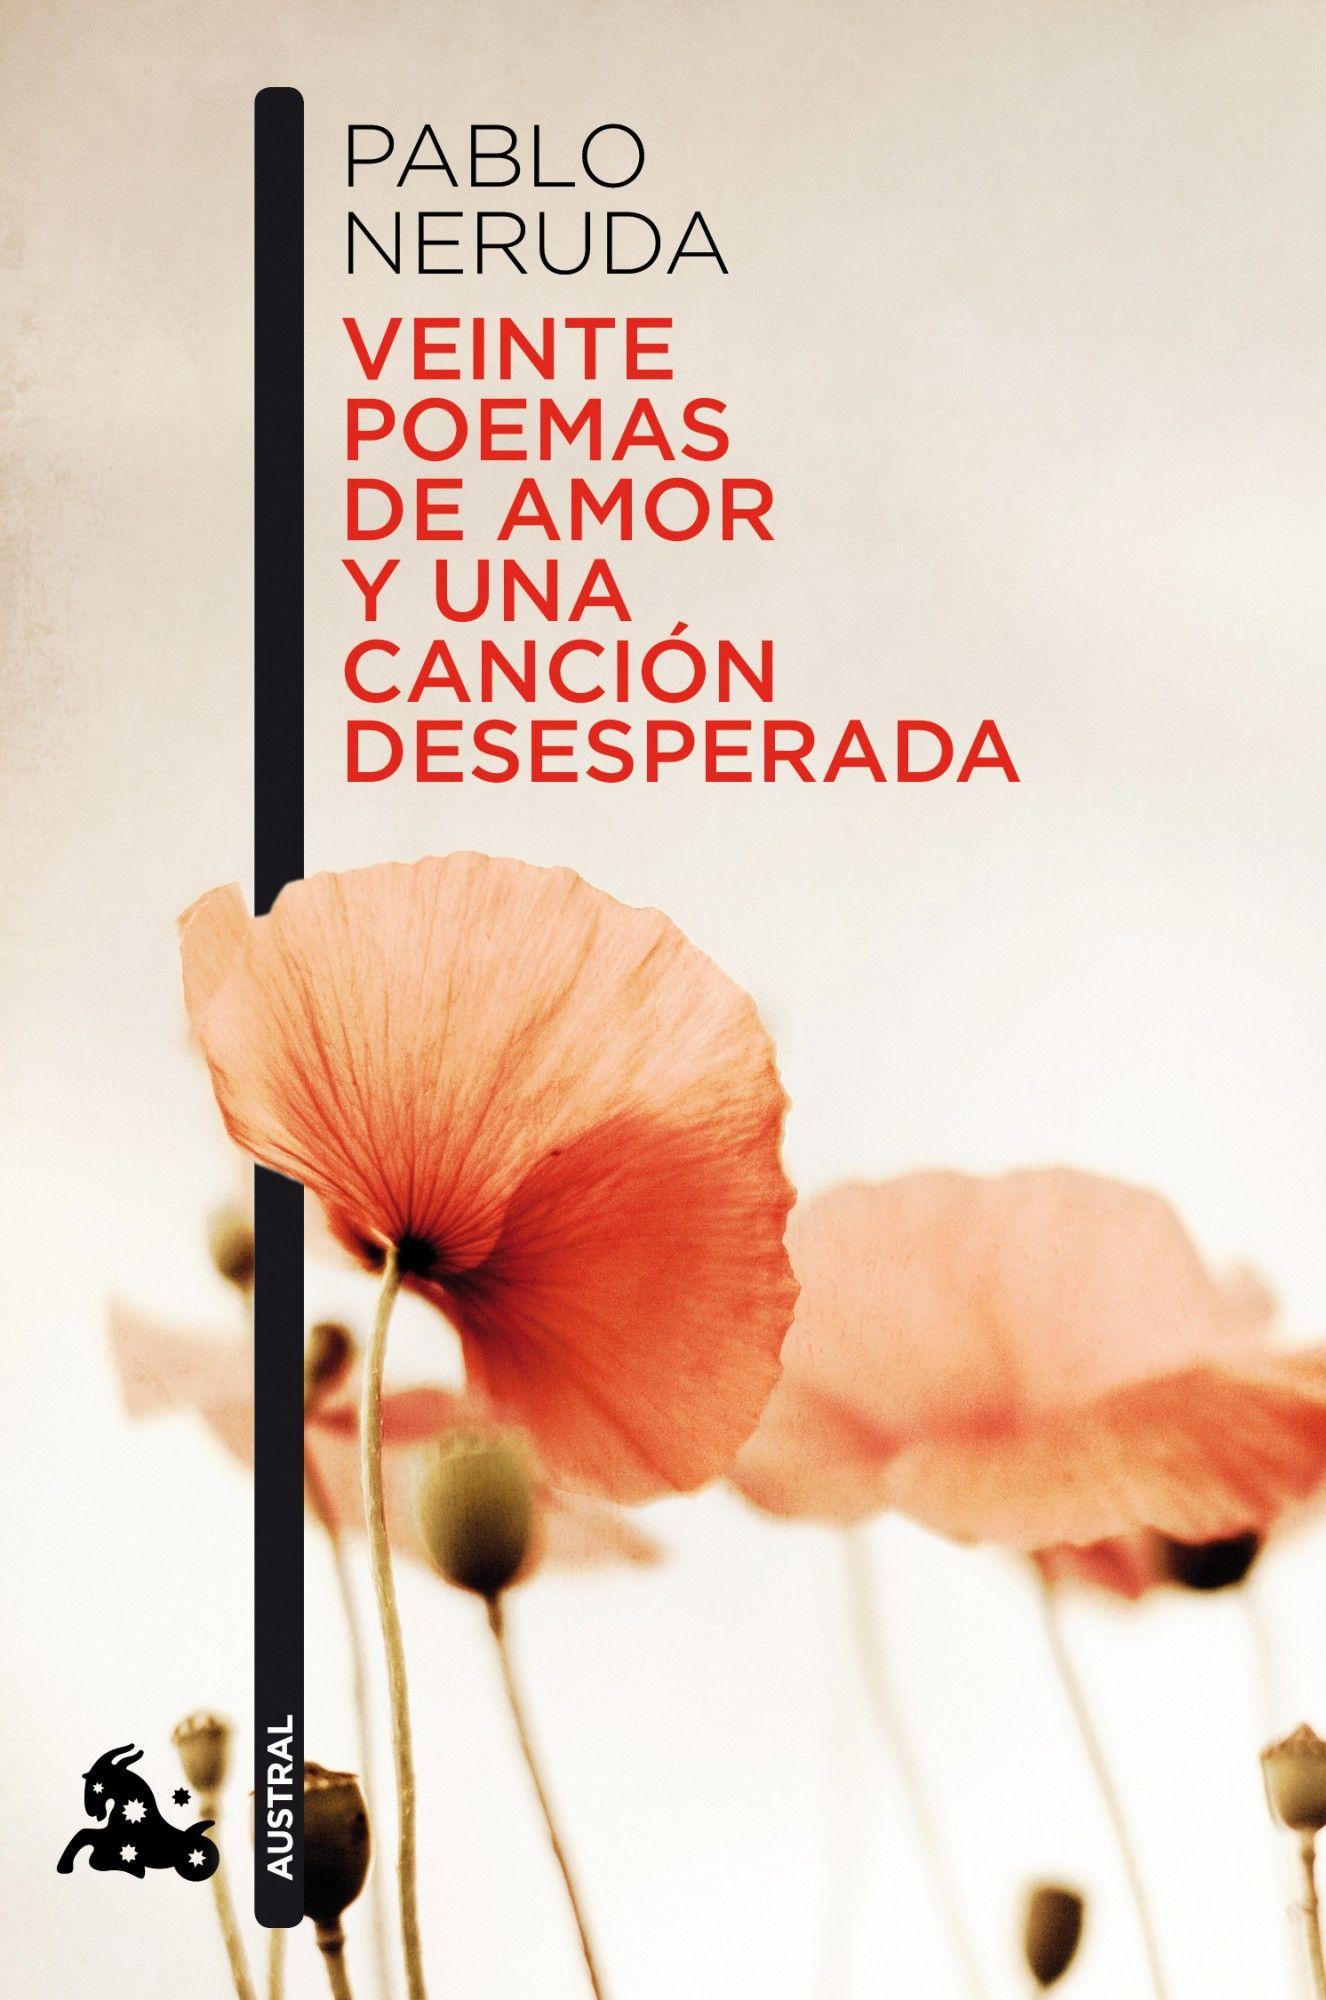 Veinte Poemas De Amor Y Una Canción Desesperada Pablo Neruda Libros De Poesía Poemas De Amor Poemas